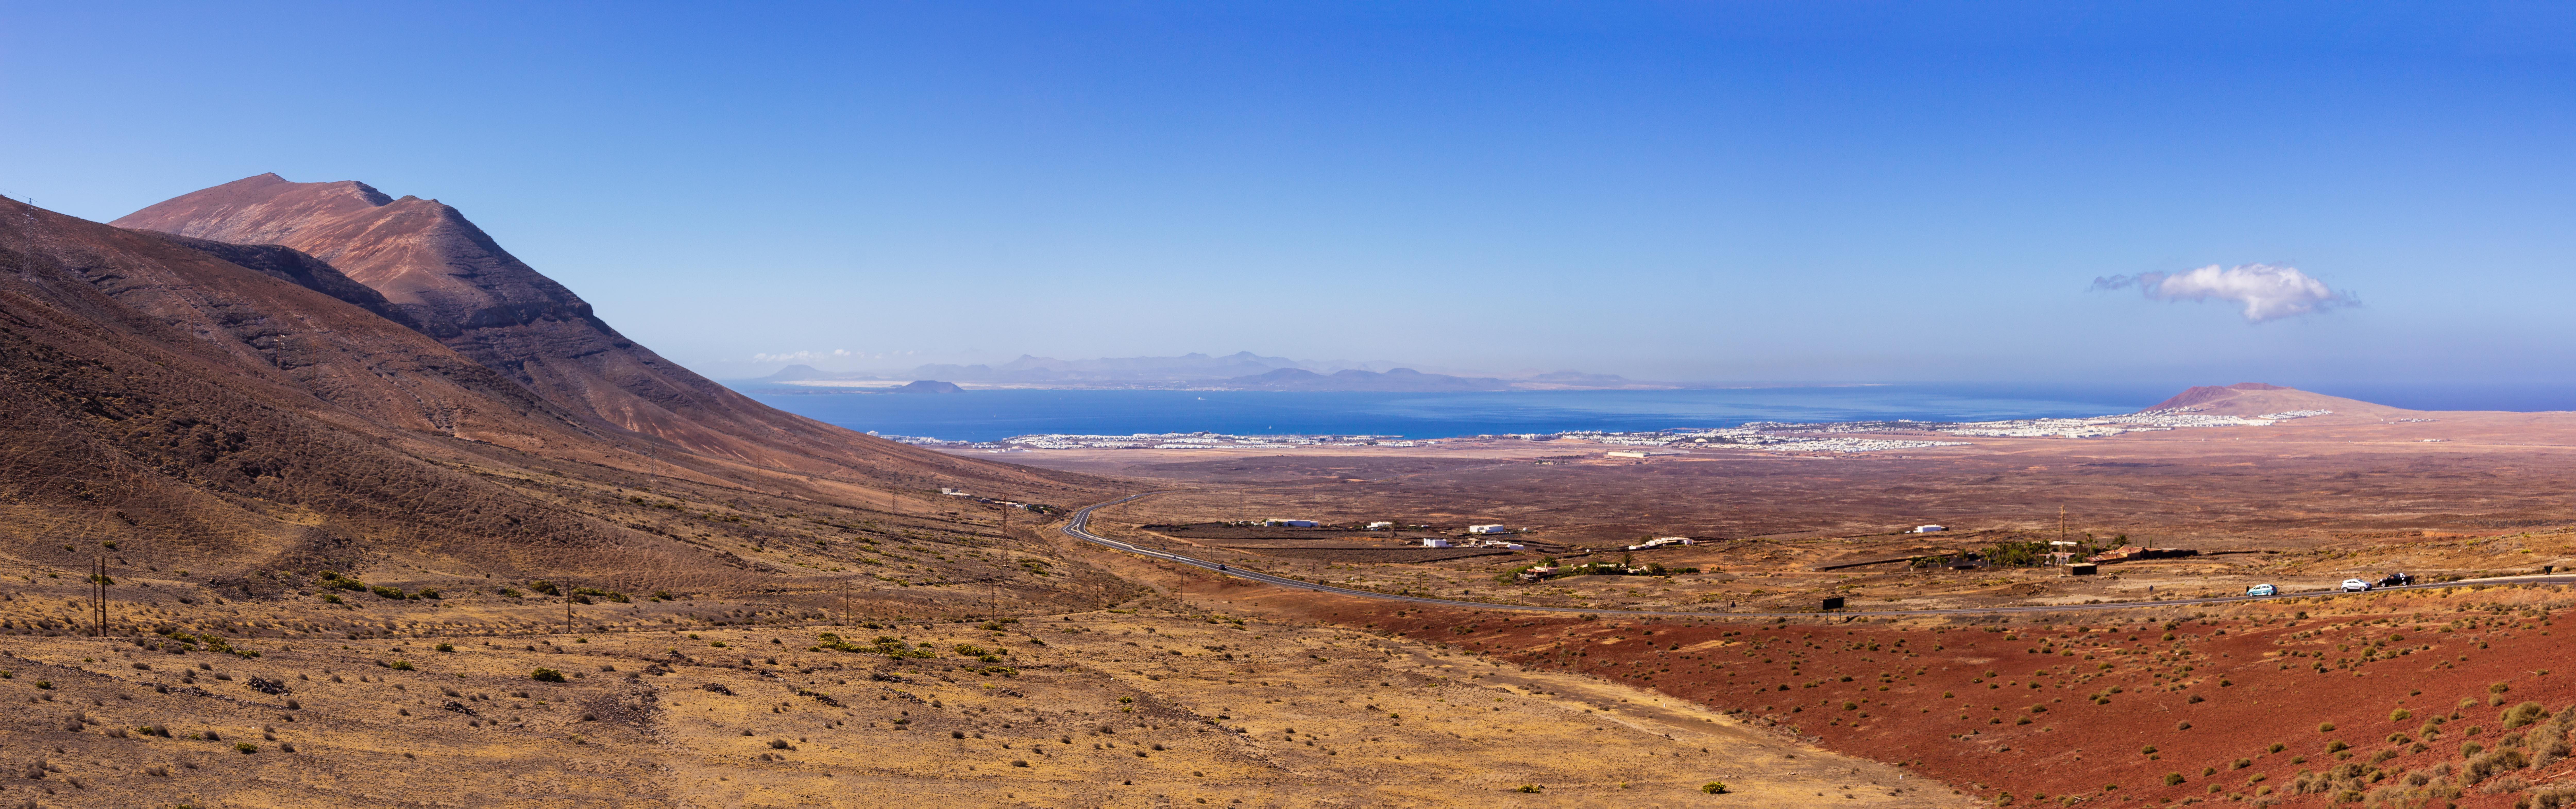 Lanzarote PanoramaSuperWideMax10000 025